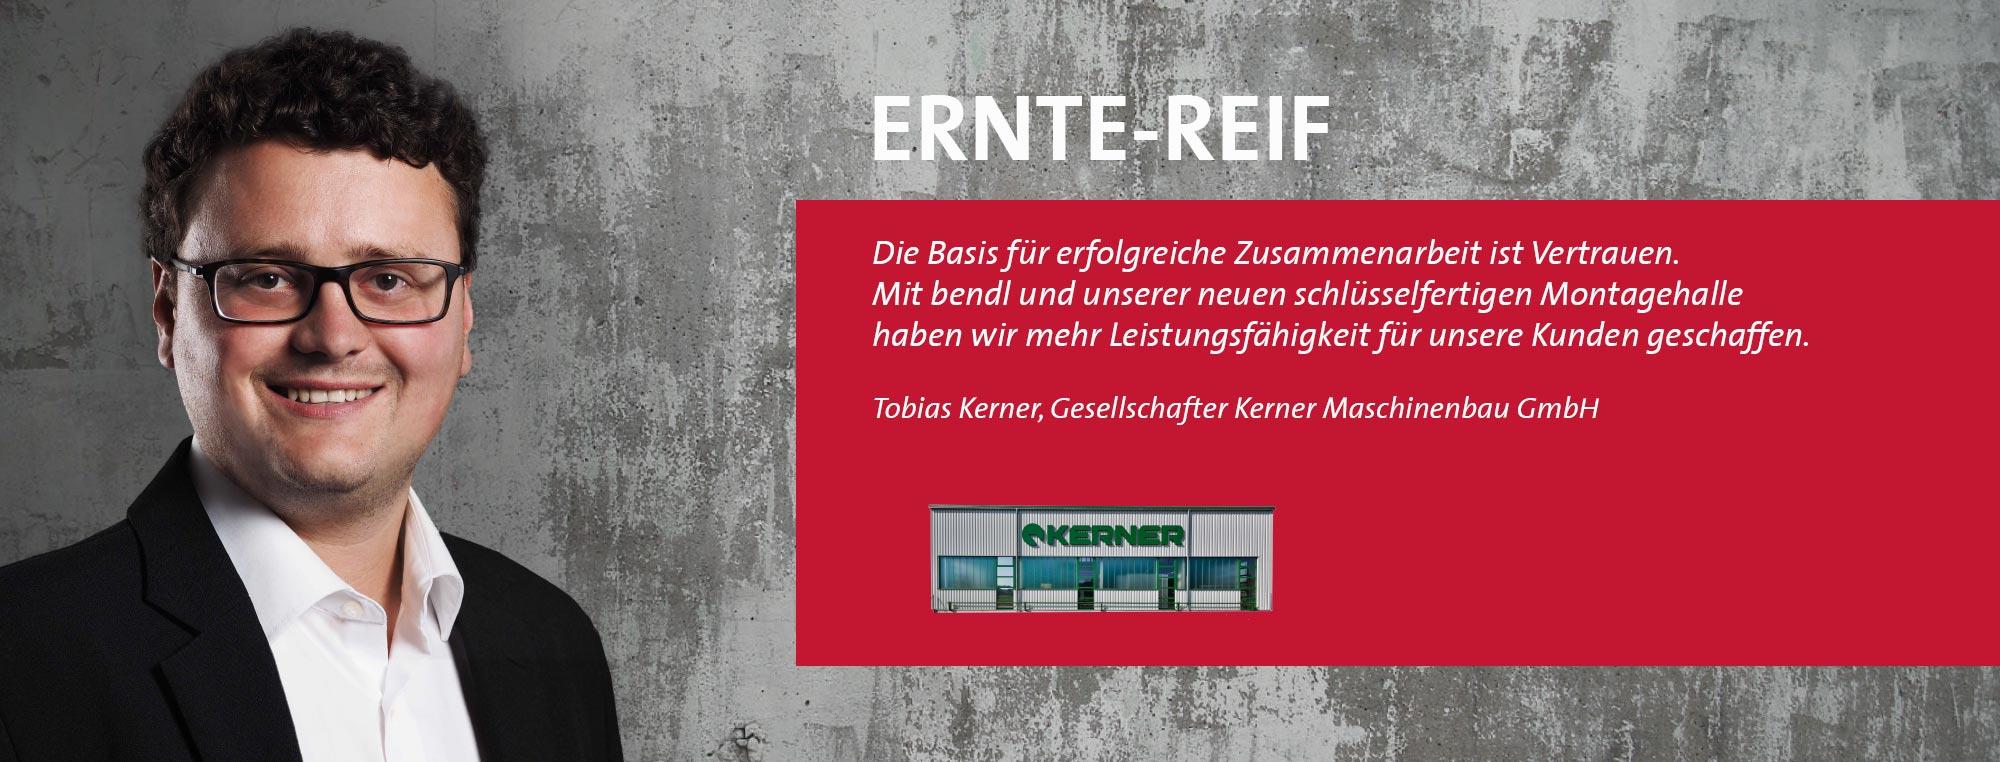 Tobias Kerner - Kerner Maschinenbau GmbH